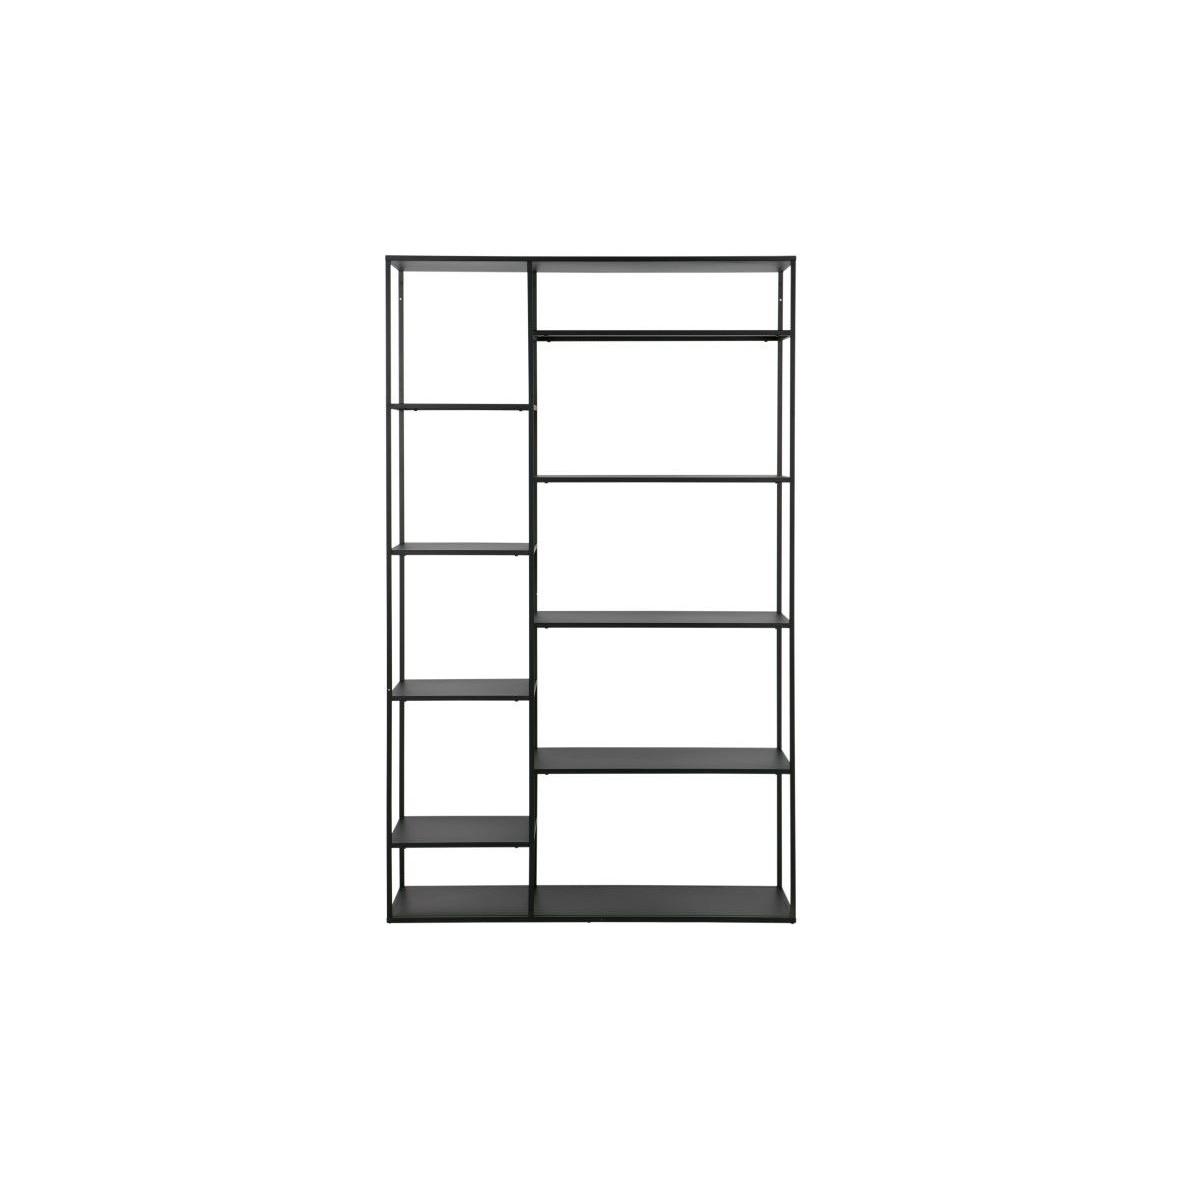 Cabinet June | 120 cm